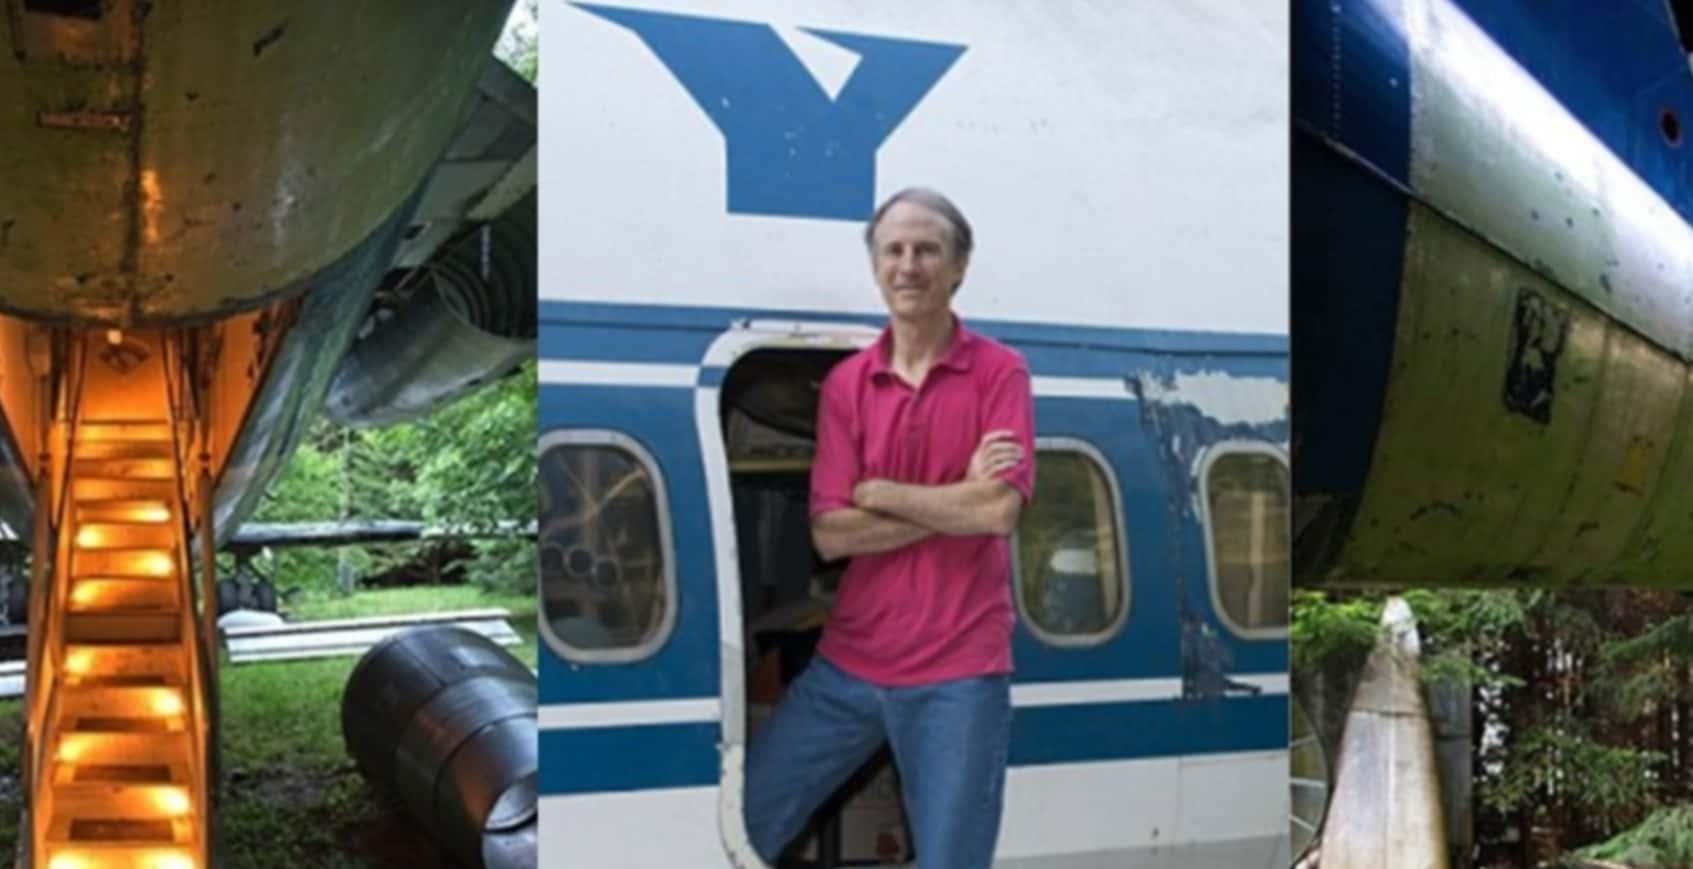 飛行機を家に改造した男性!一体どんな家になったのでしょう?